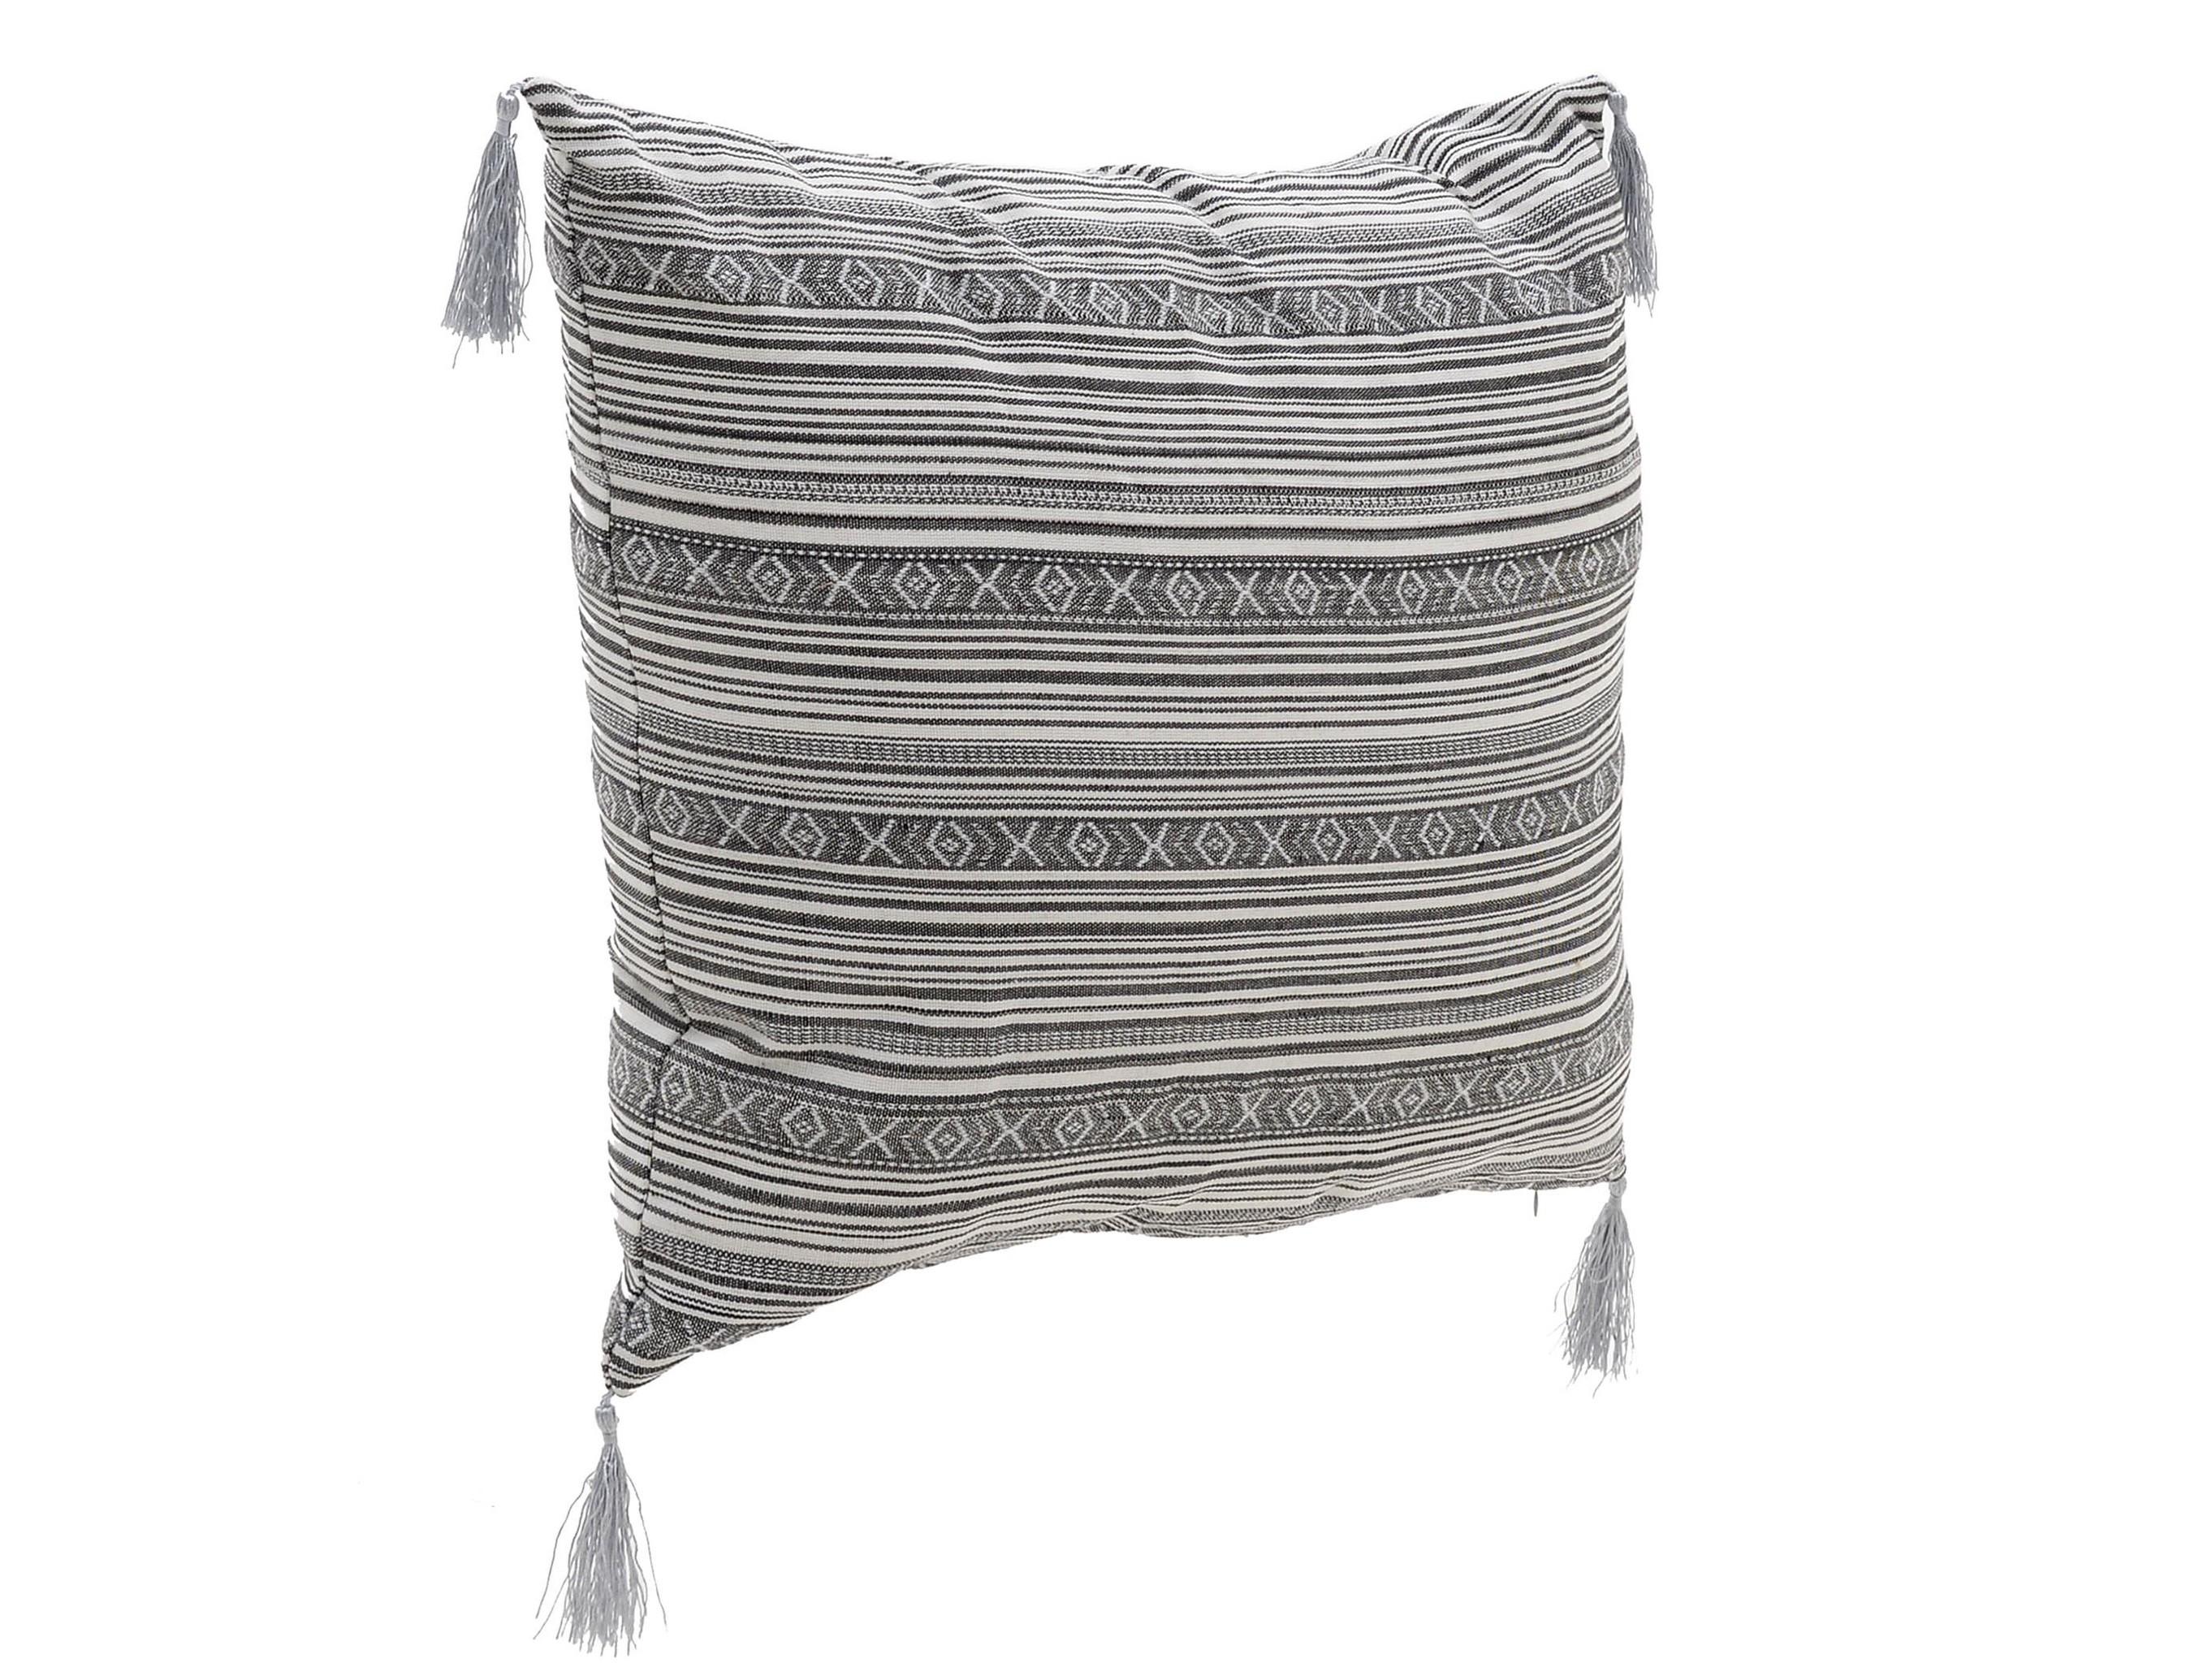 Подушка SamanthaКвадратные подушки и наволочки<br><br><br>Material: Текстиль<br>Ширина см: 45.0<br>Высота см: 45.0<br>Глубина см: 6.0